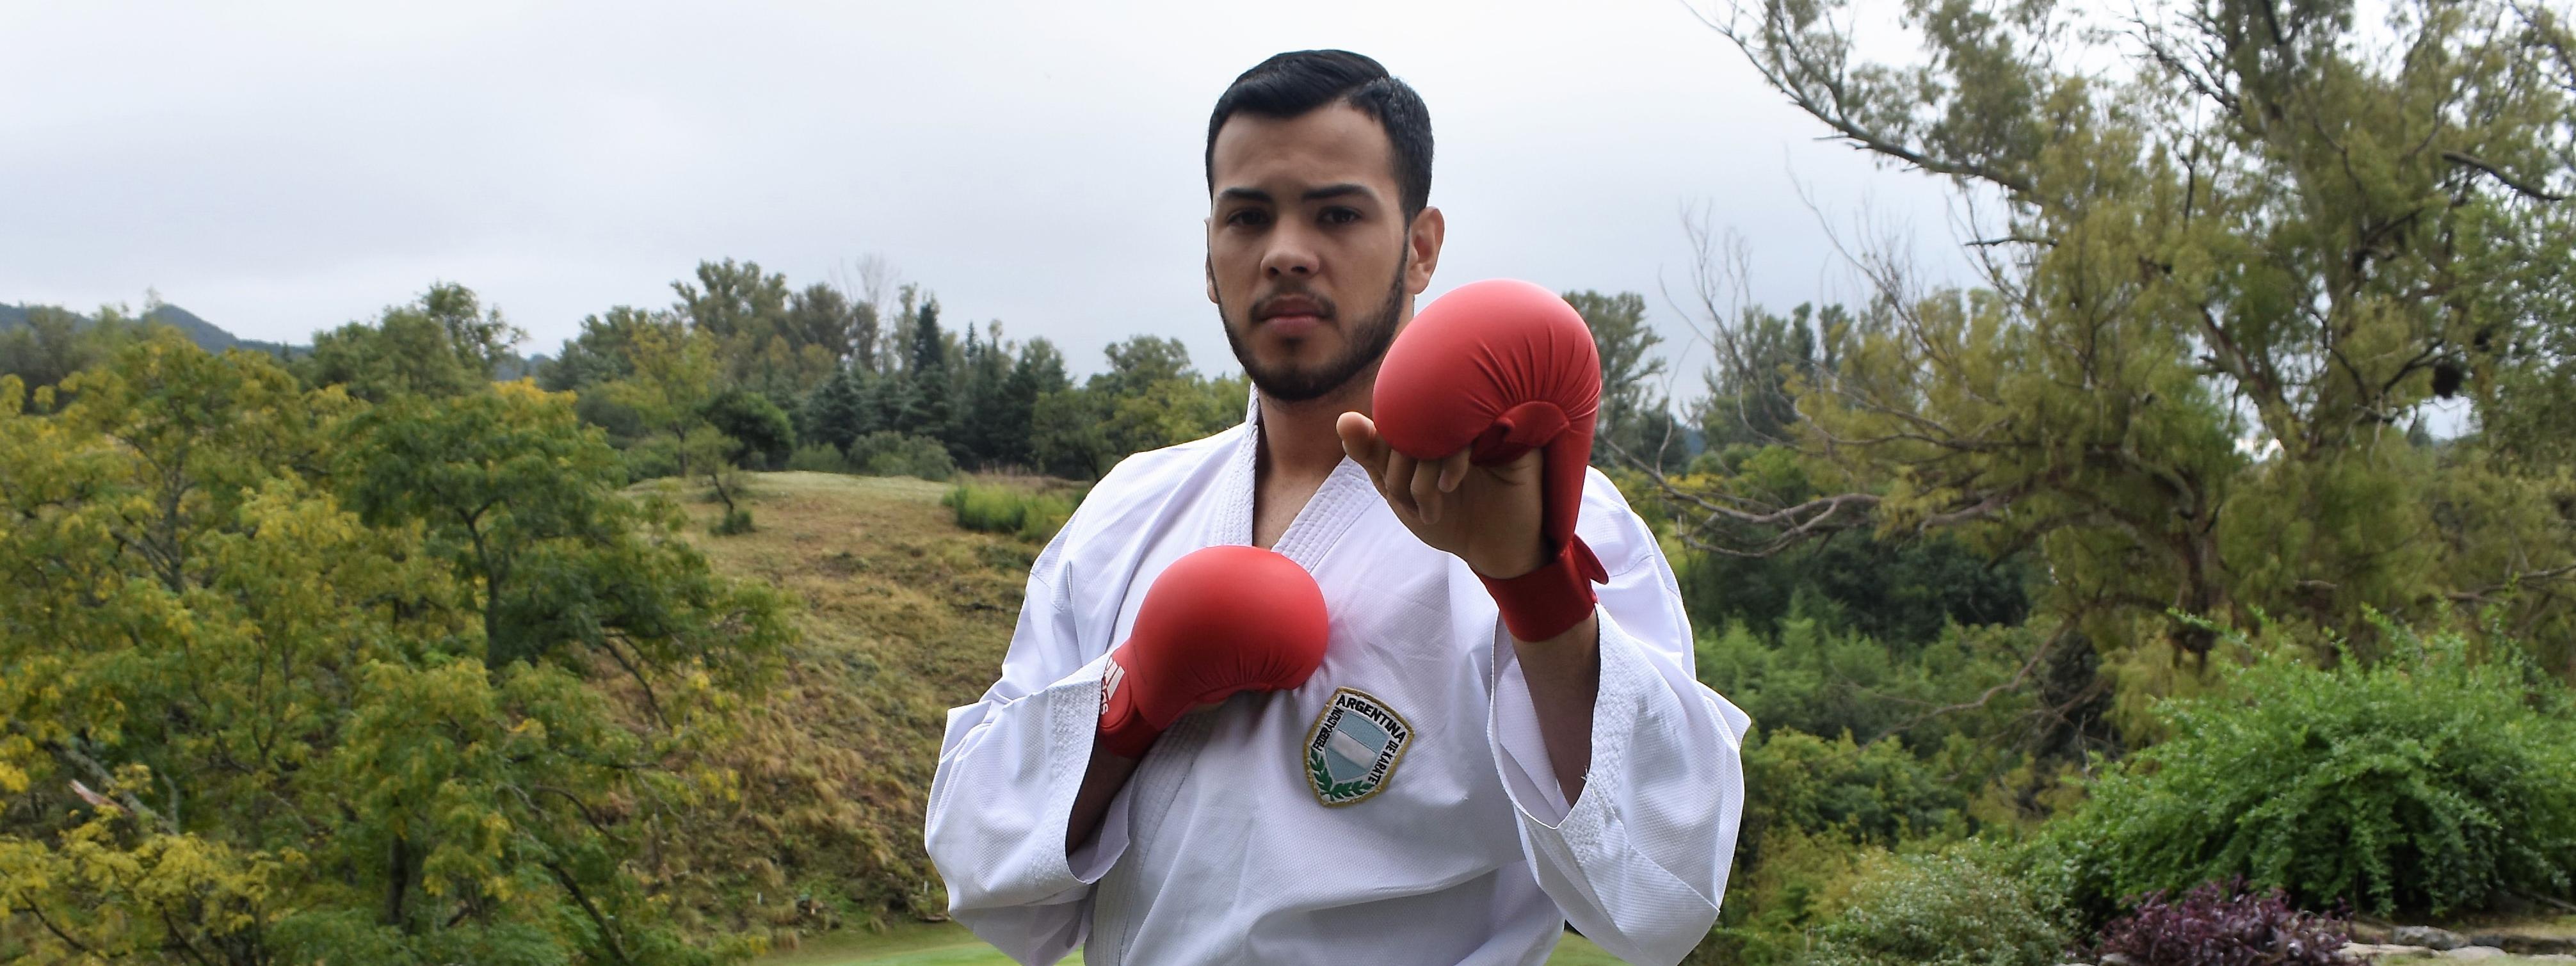 KARATE: Juan Cruz Minuet inicia el viaje que puede llevarlo a firmar una página en la historia